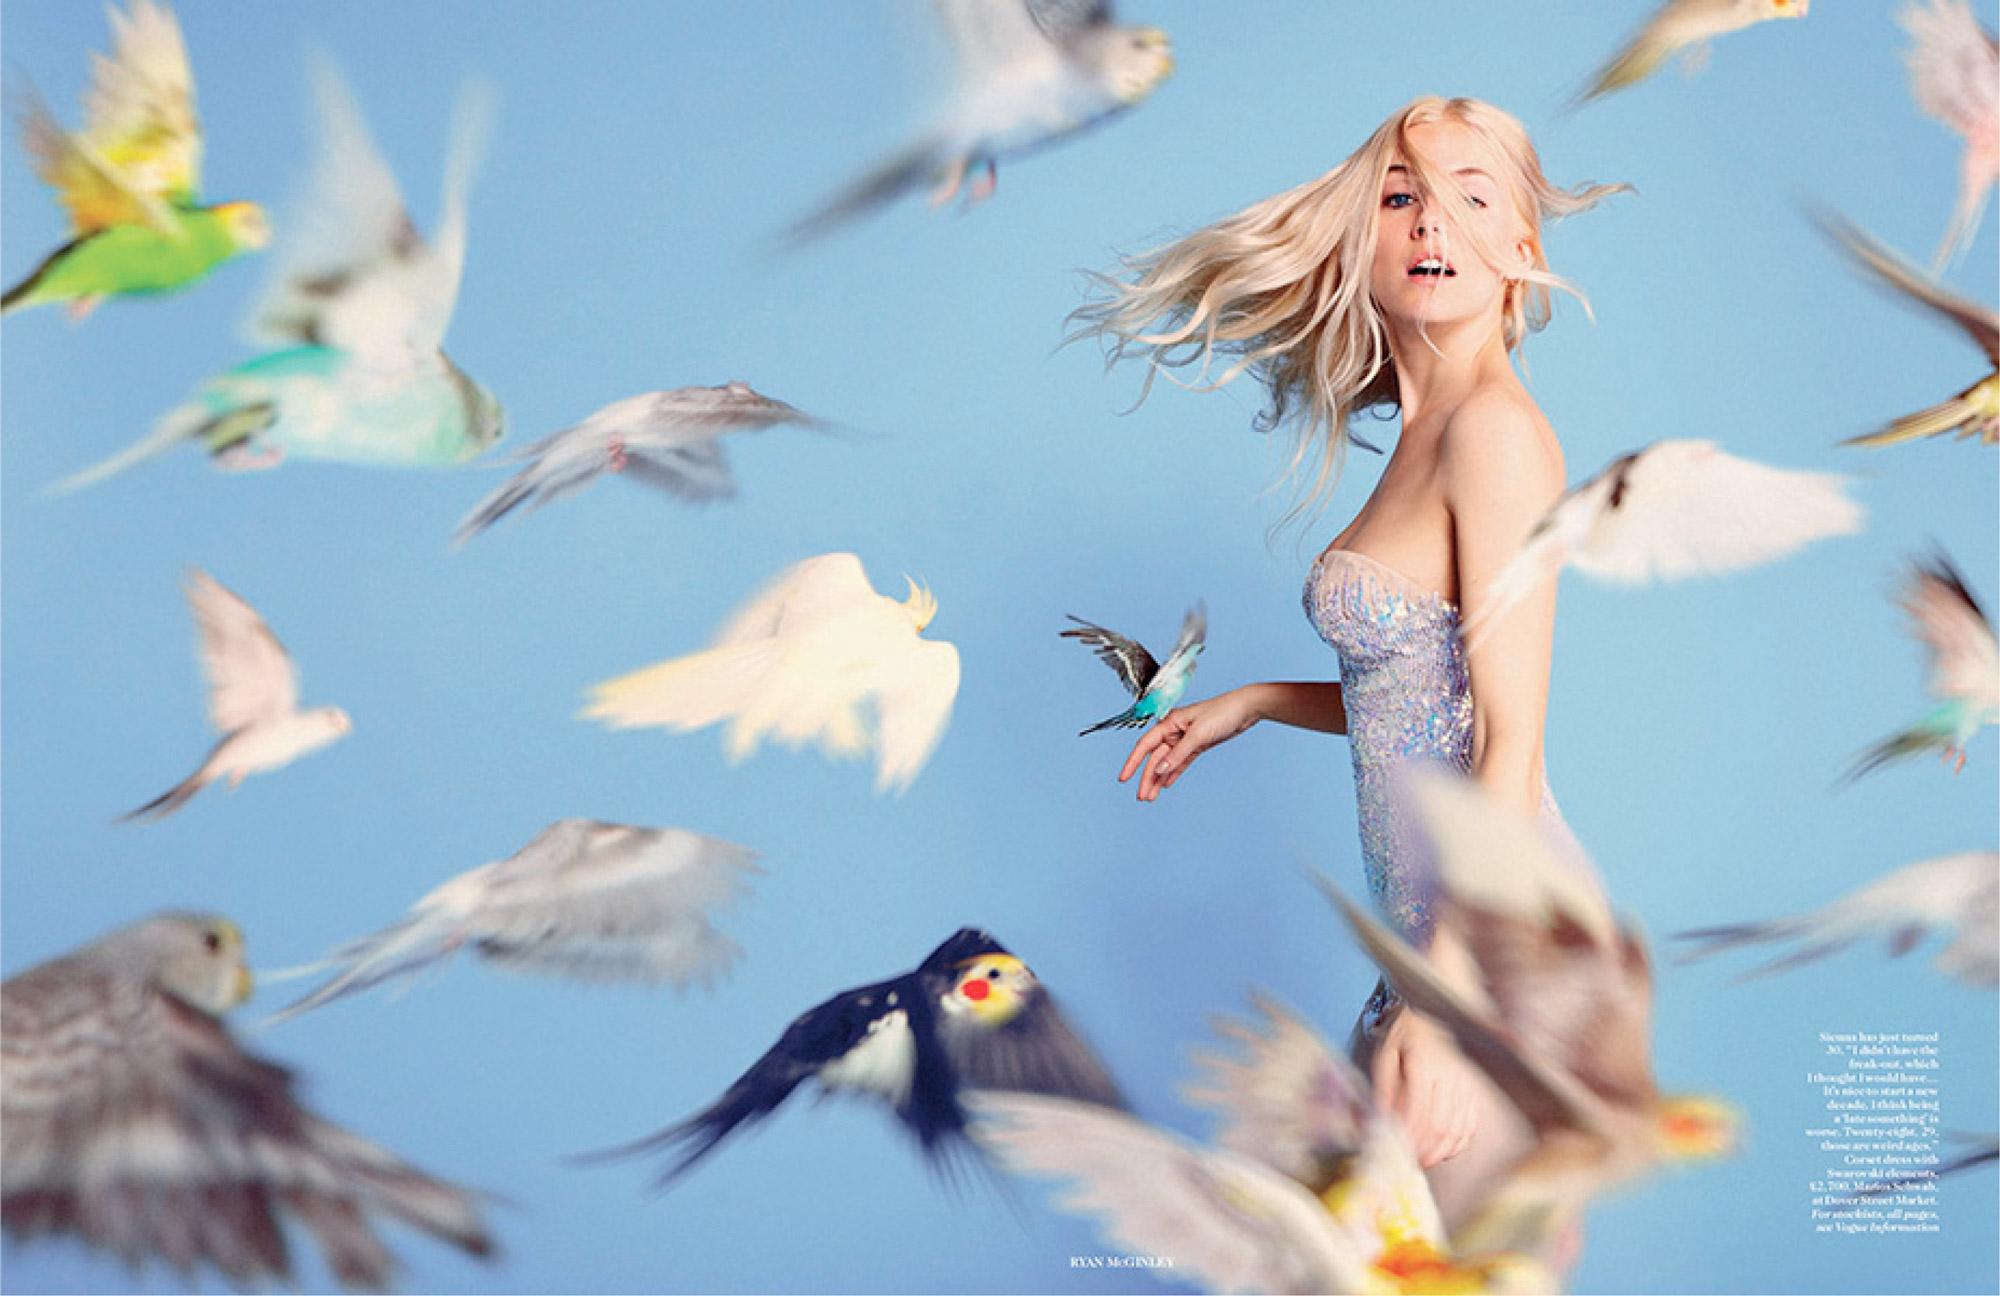 Sienna Miller - Ryan McGinley